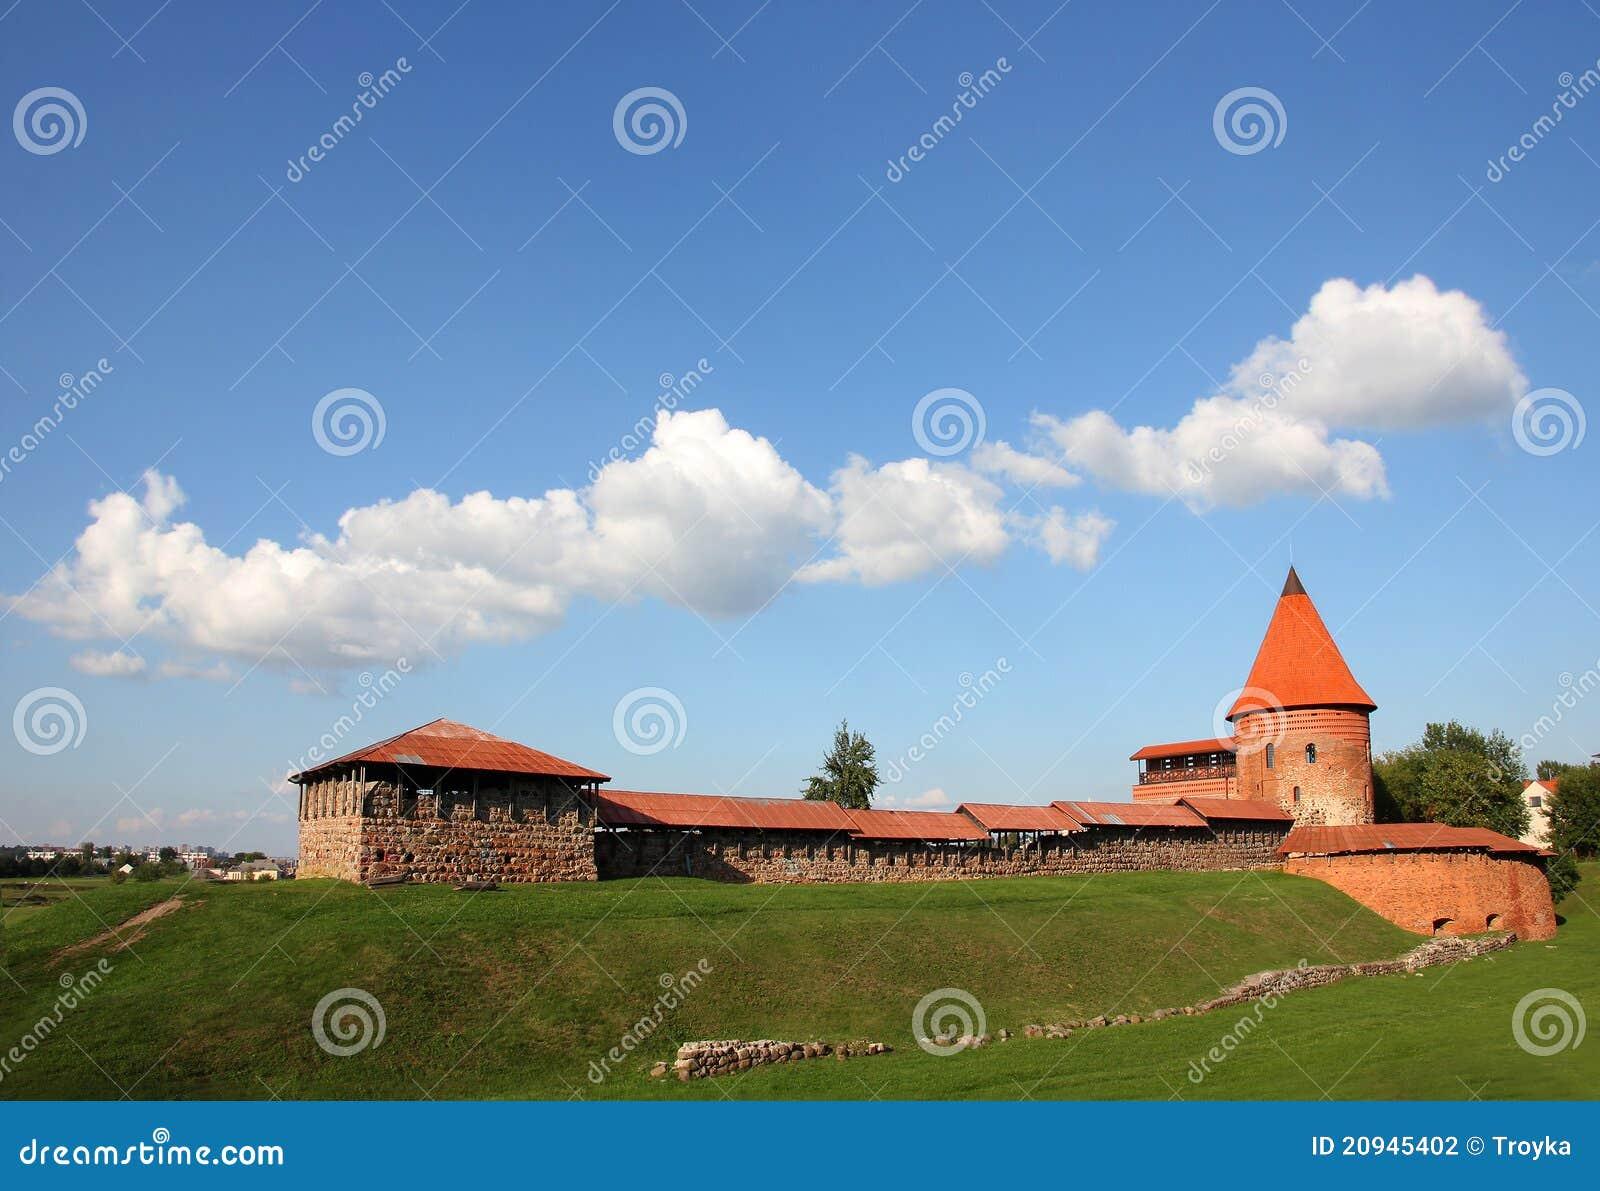 Vecchio castello a Kaunas, Lituania.